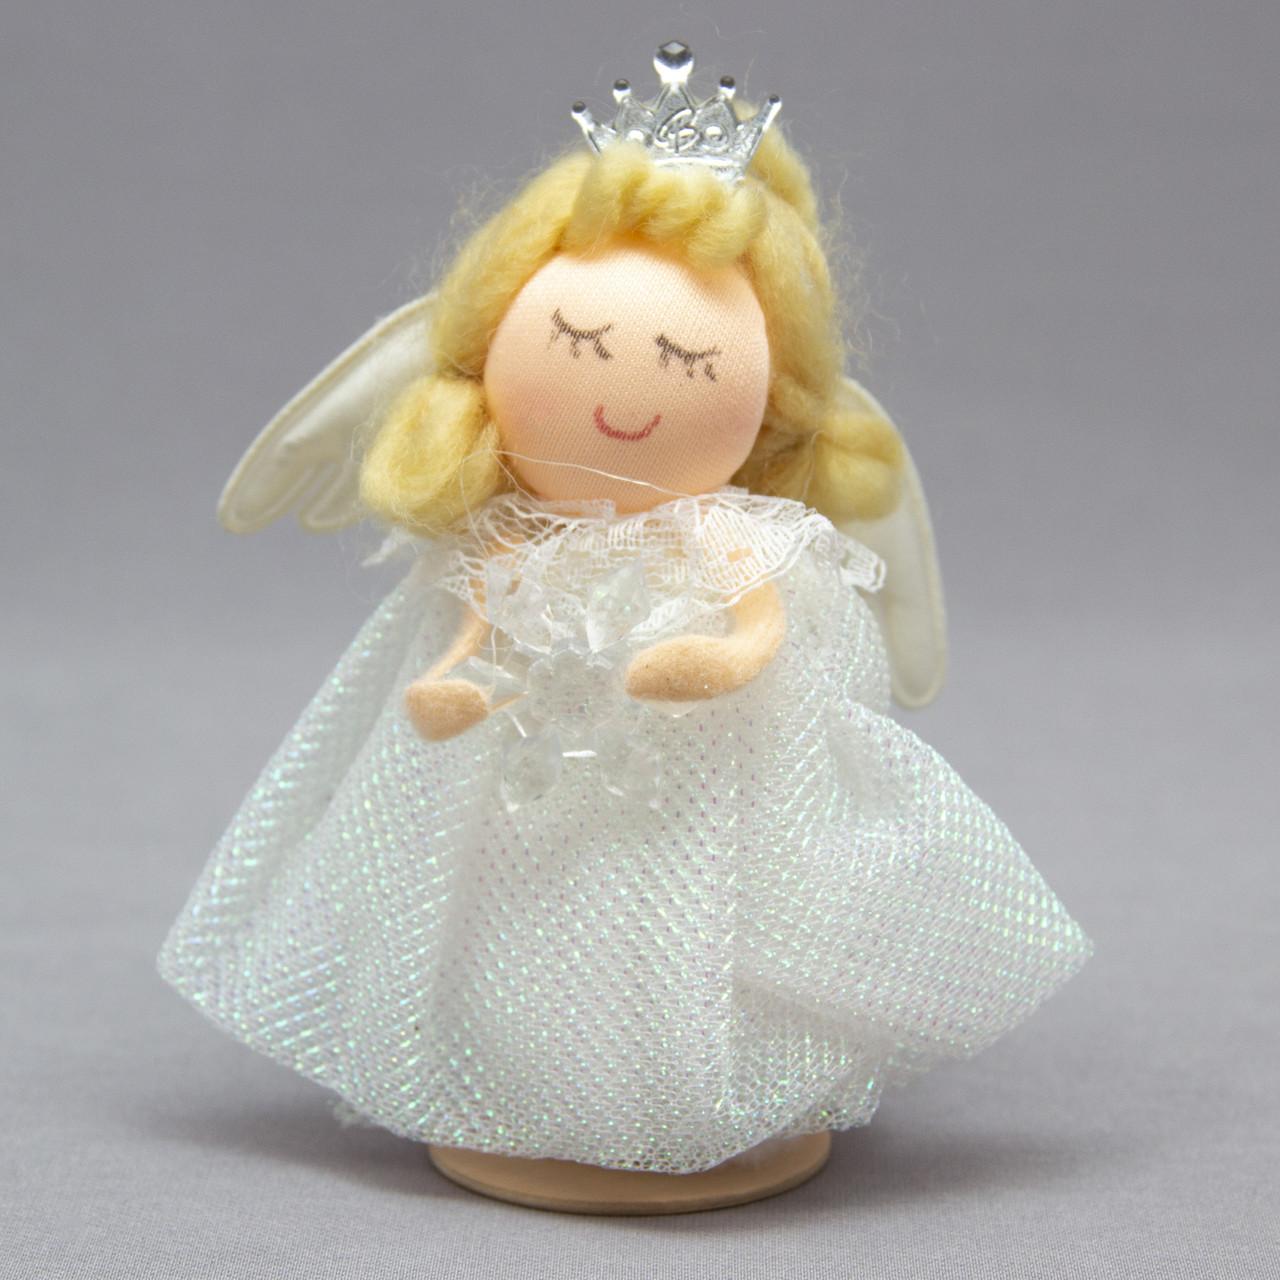 Елочная игрушка - ангелочек со снежинкой в руках, 10 см (220310-1)